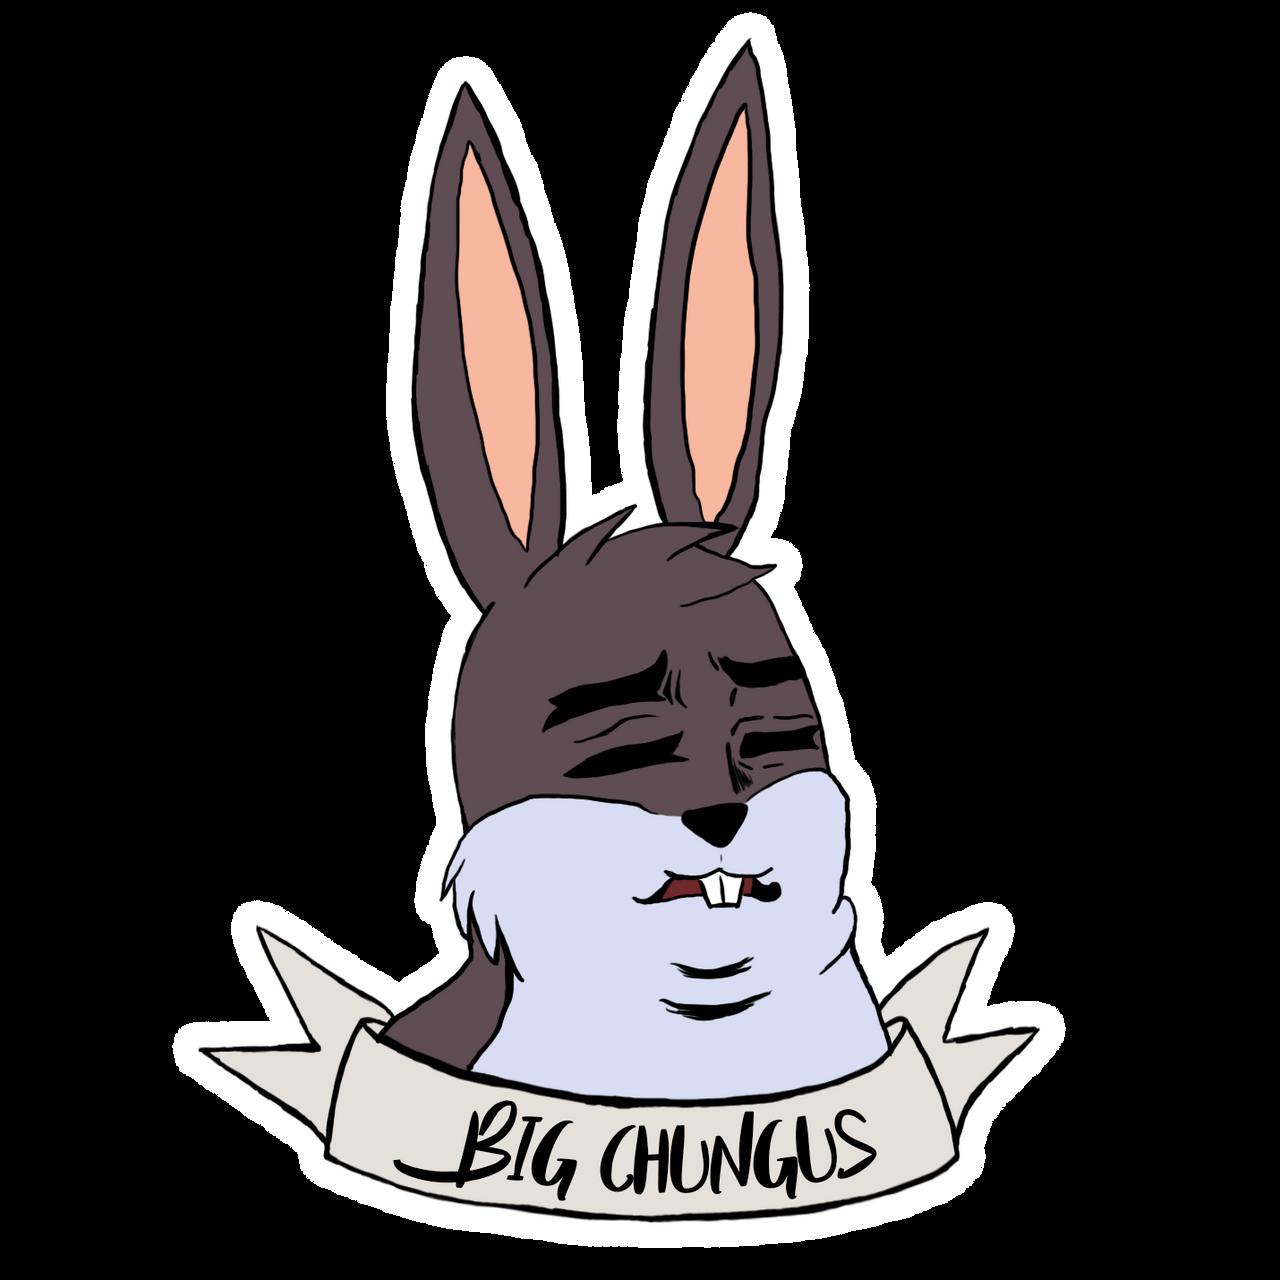 Big Chungus By Iihetaroblox On Deviantart